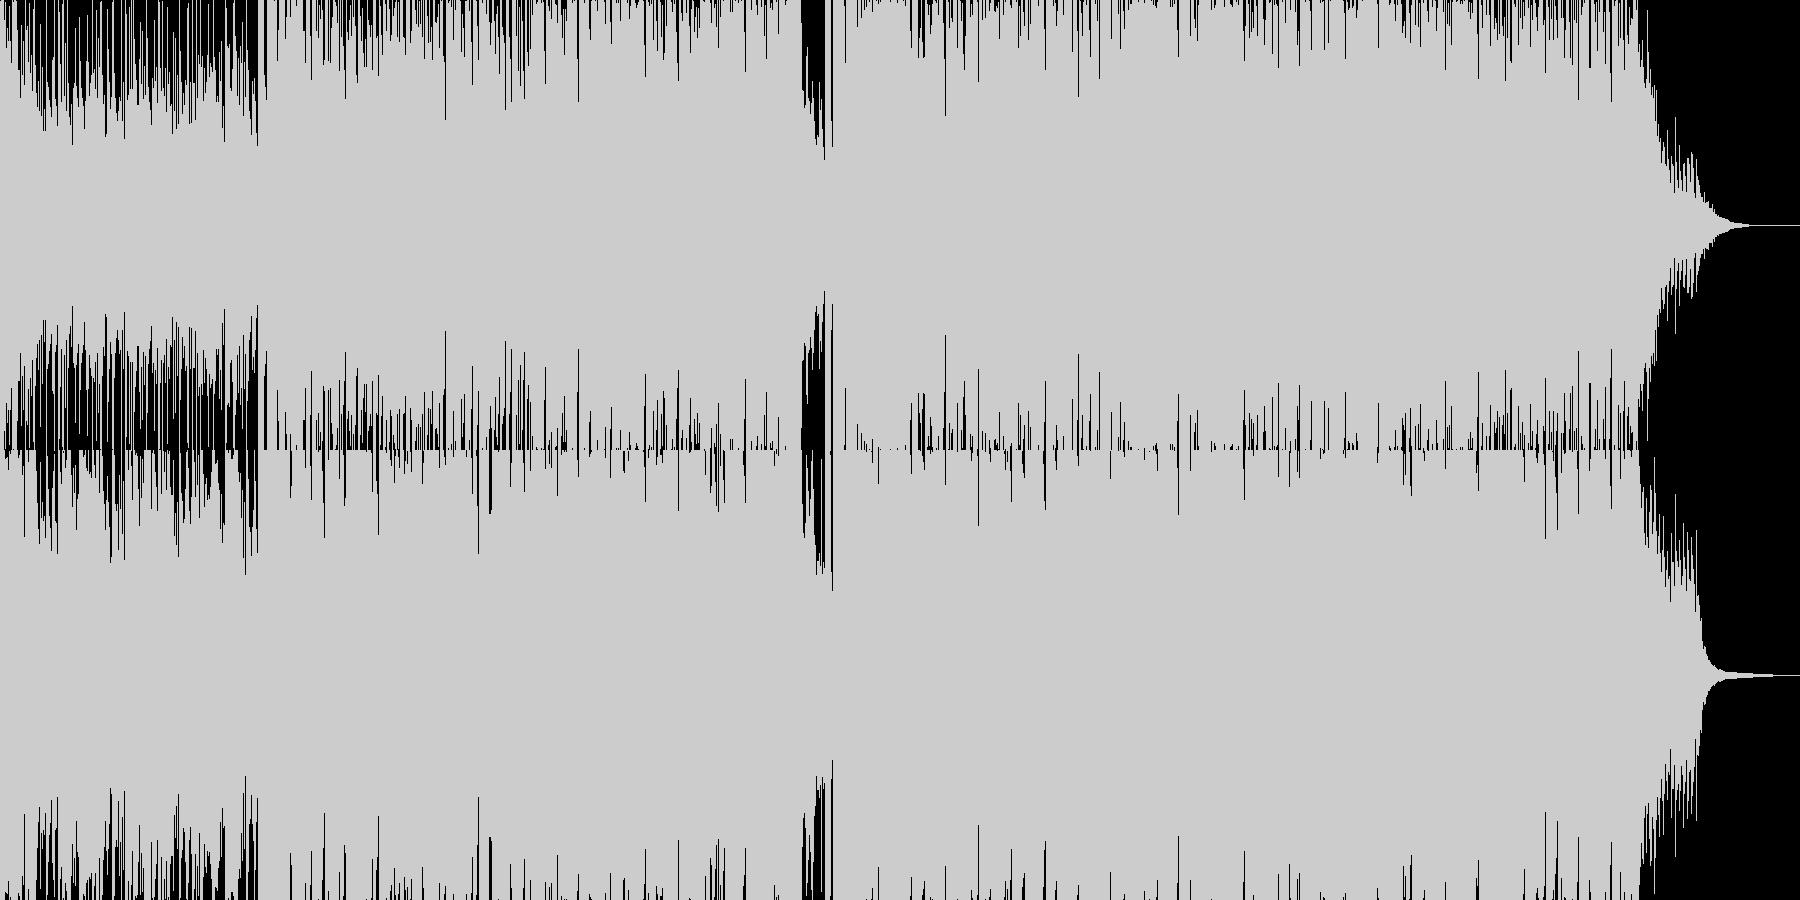 アコギ主体のさわやかなポップスの未再生の波形